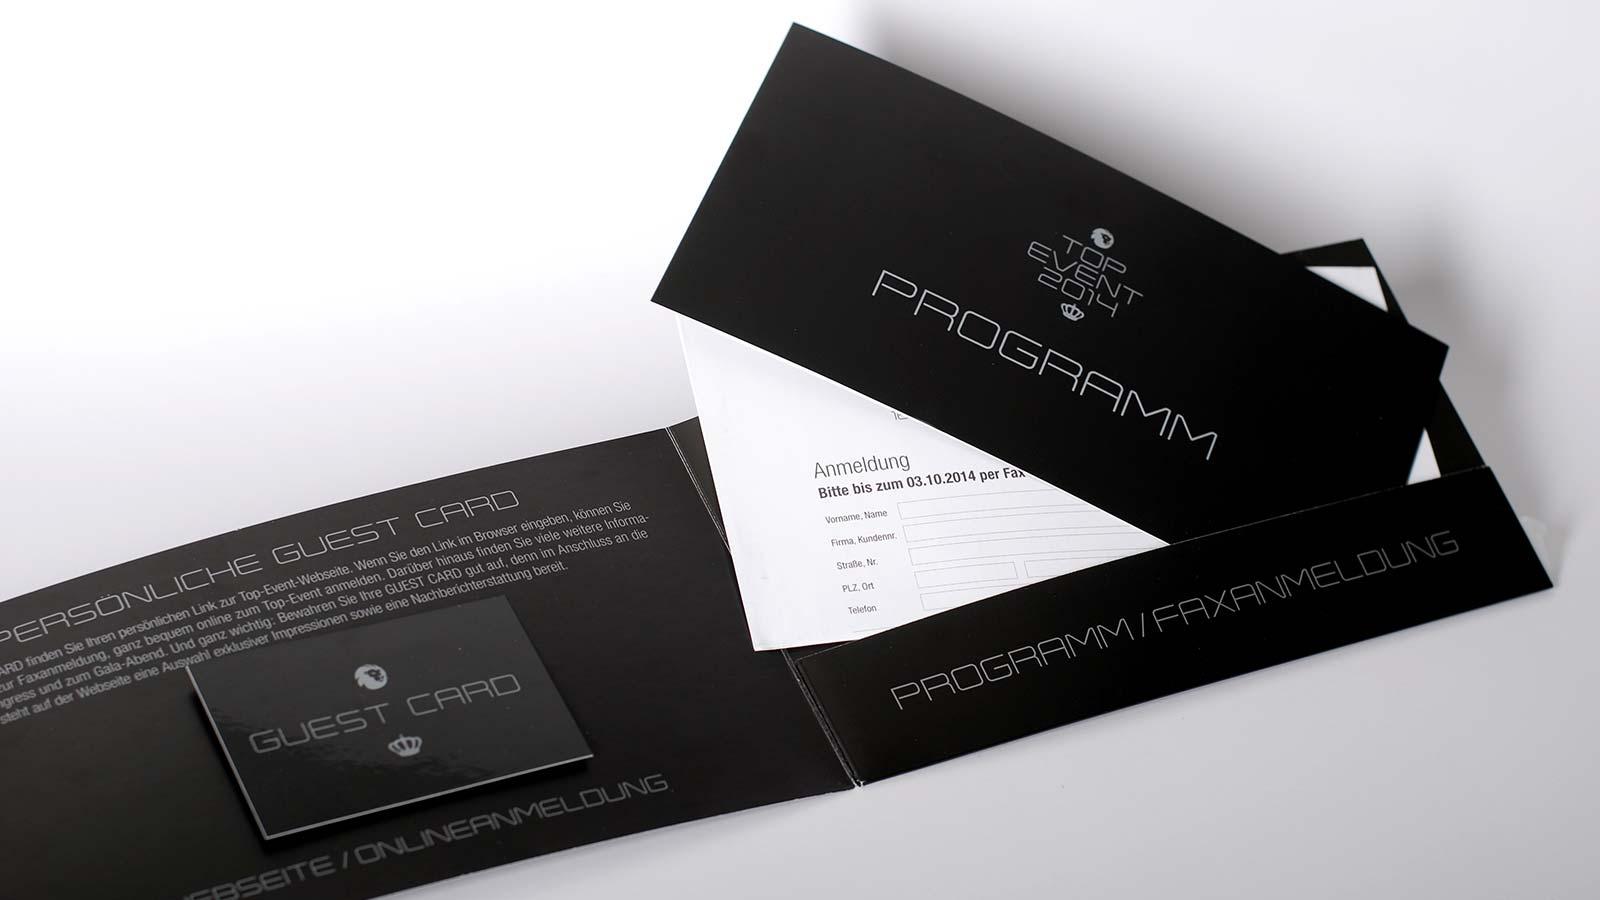 Einladung mit persönlicher Gästekarte